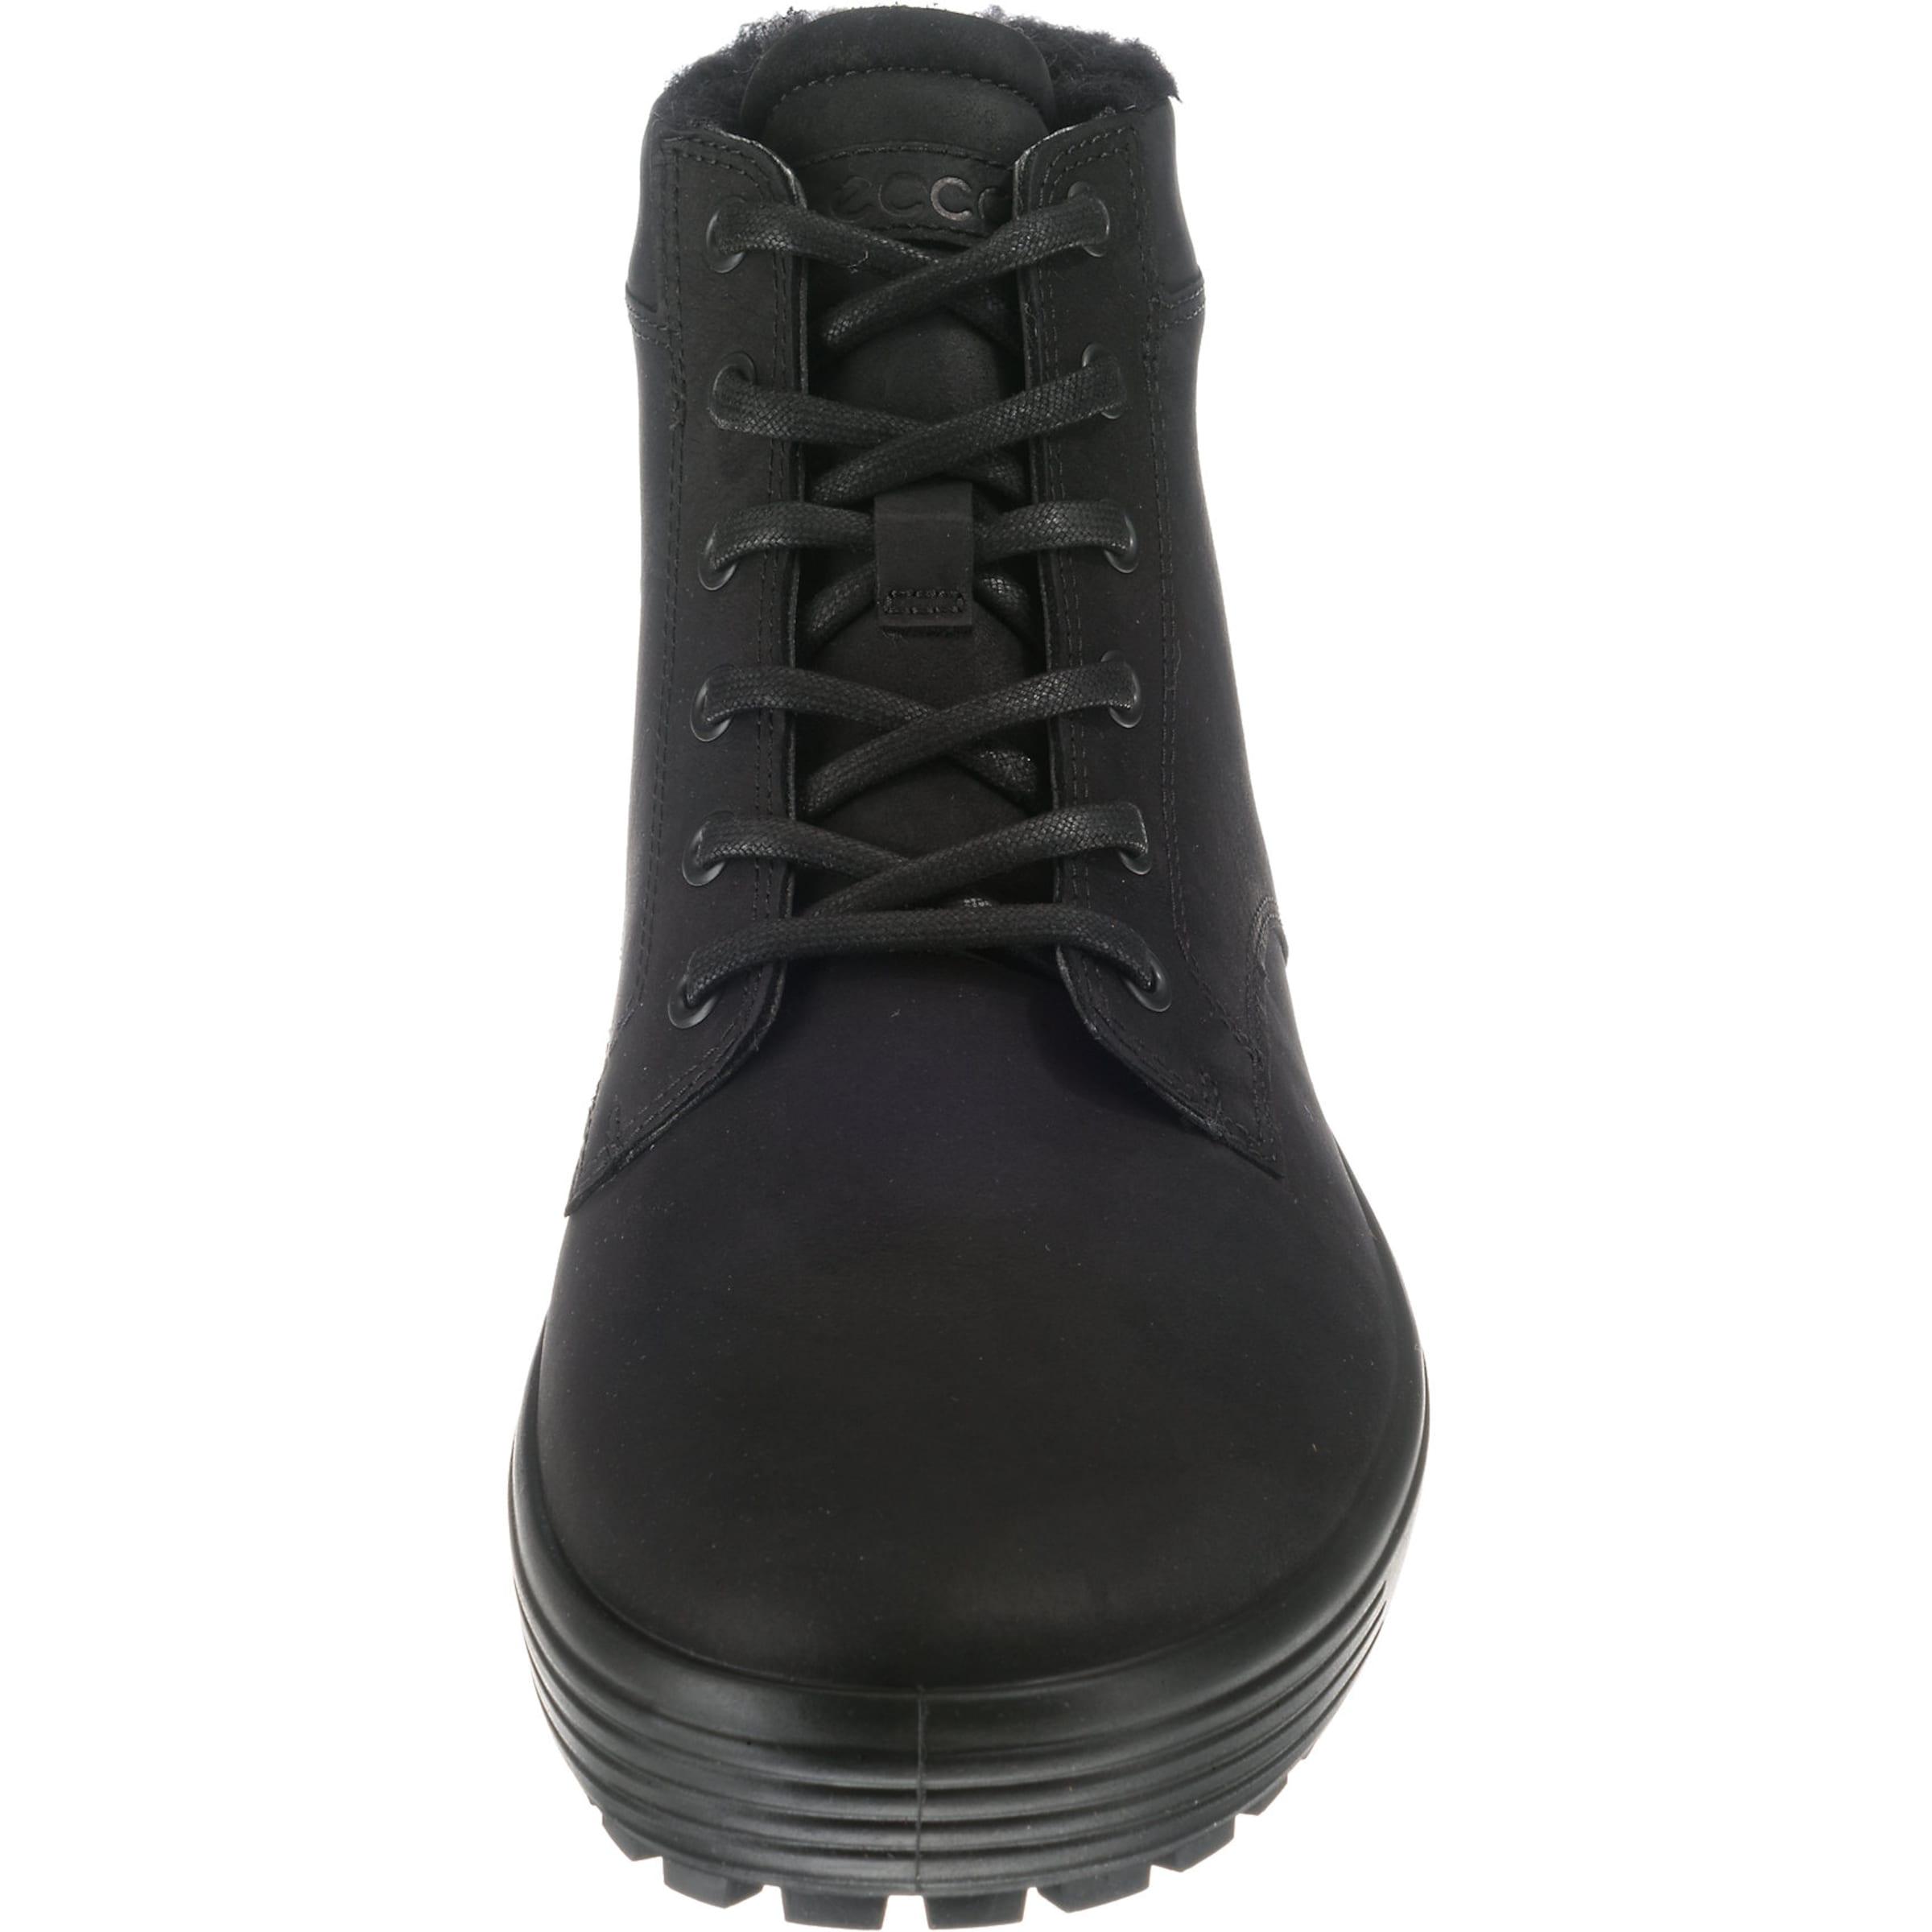 In Ecco In Ecco Ecco In Schwarz Schwarz Sneaker Sneaker Sneaker wOkXNPn08